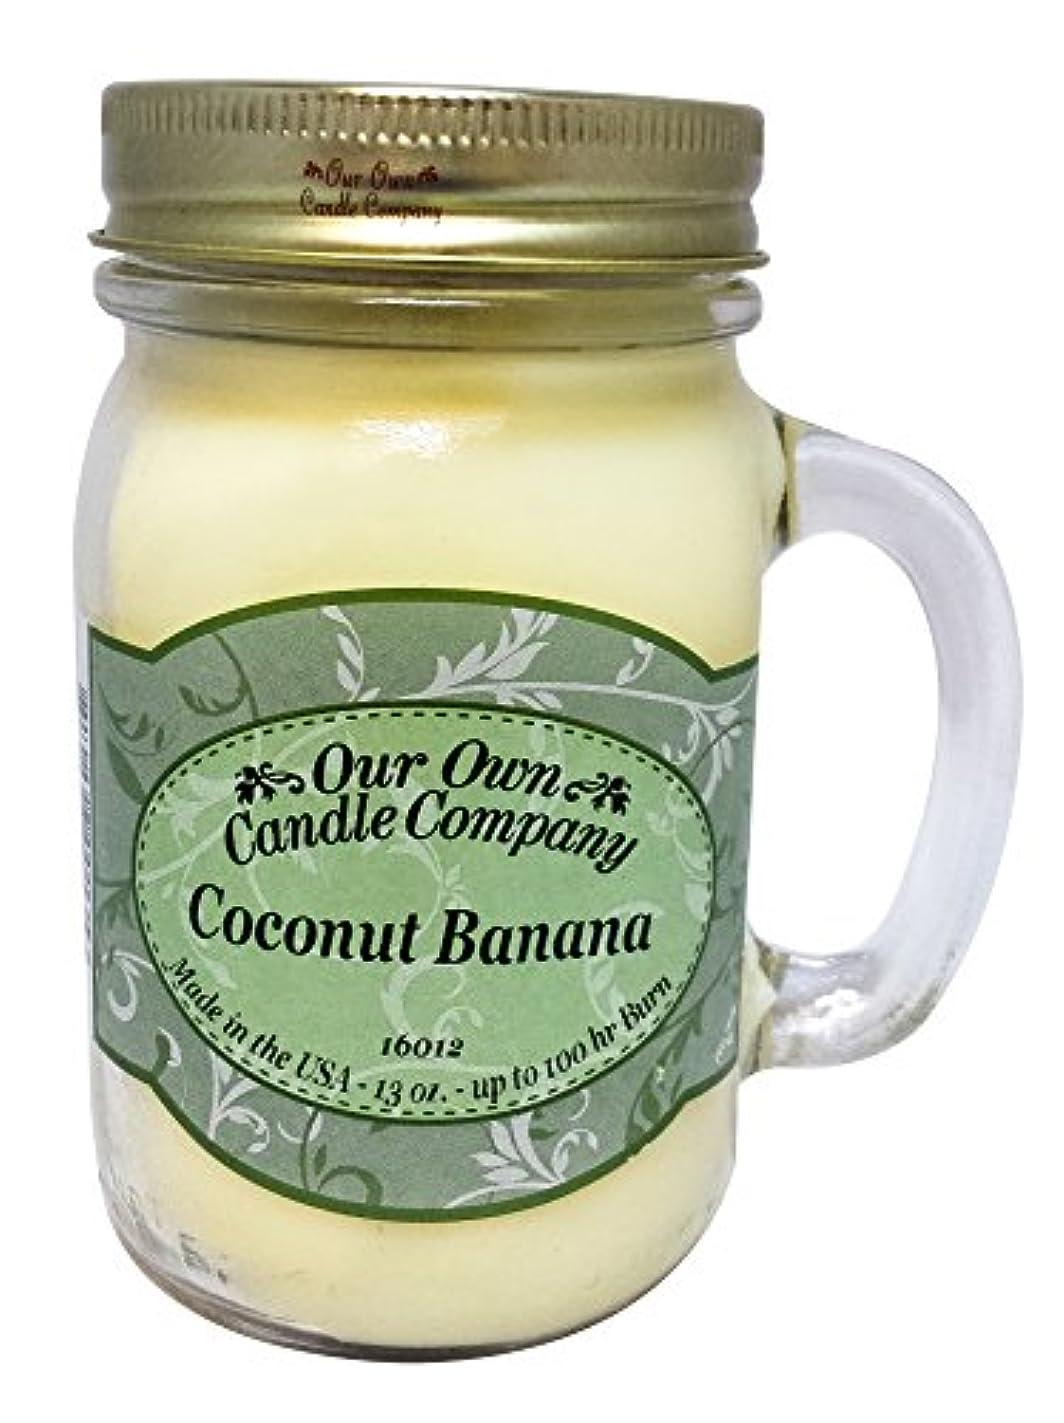 定義する宗教的な病気だと思うアロマキャンドル メイソンジャー ココナッツバナナ ビッグ Our Own Candle Company Coconut Banana big 日本未発売フレグランス